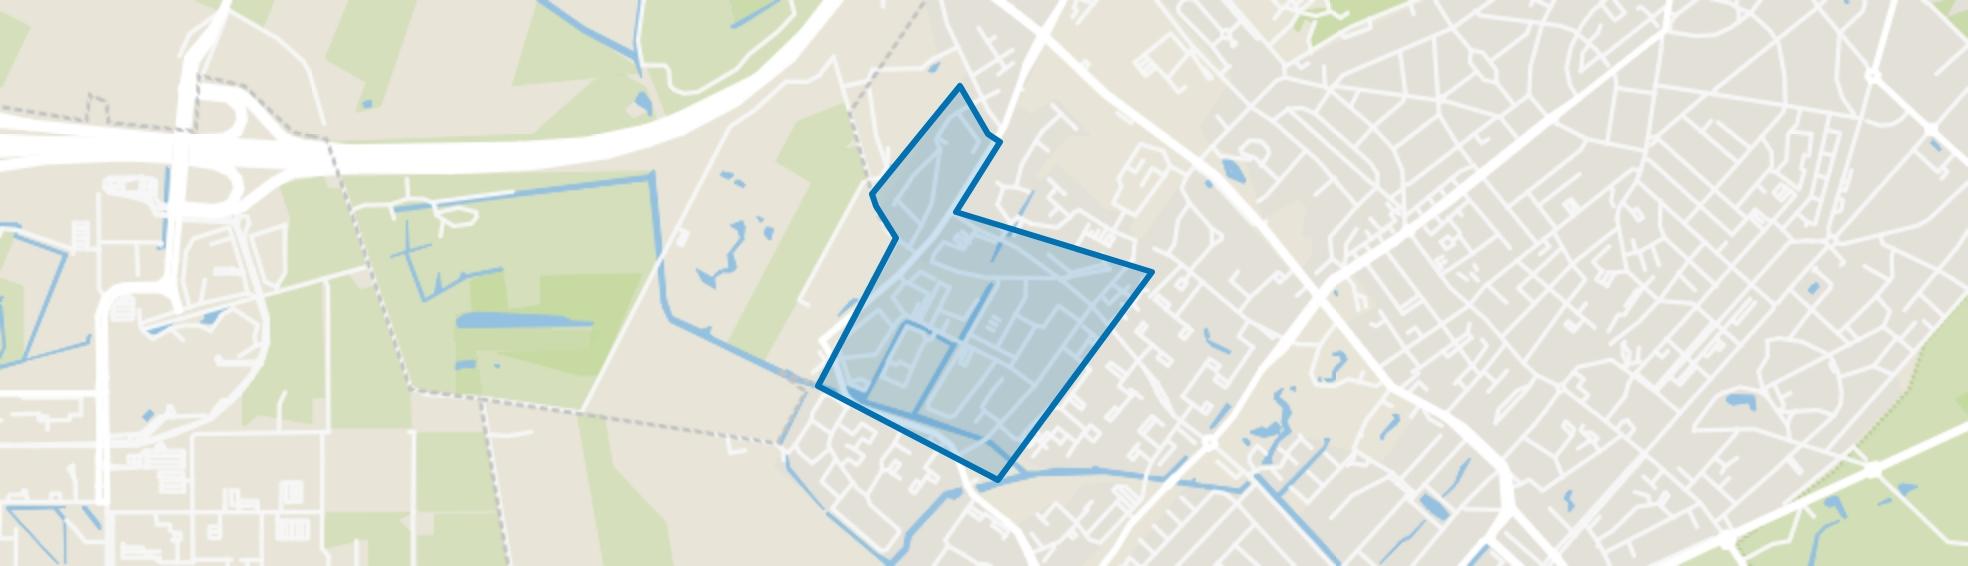 Vogelwijk, Zeist map